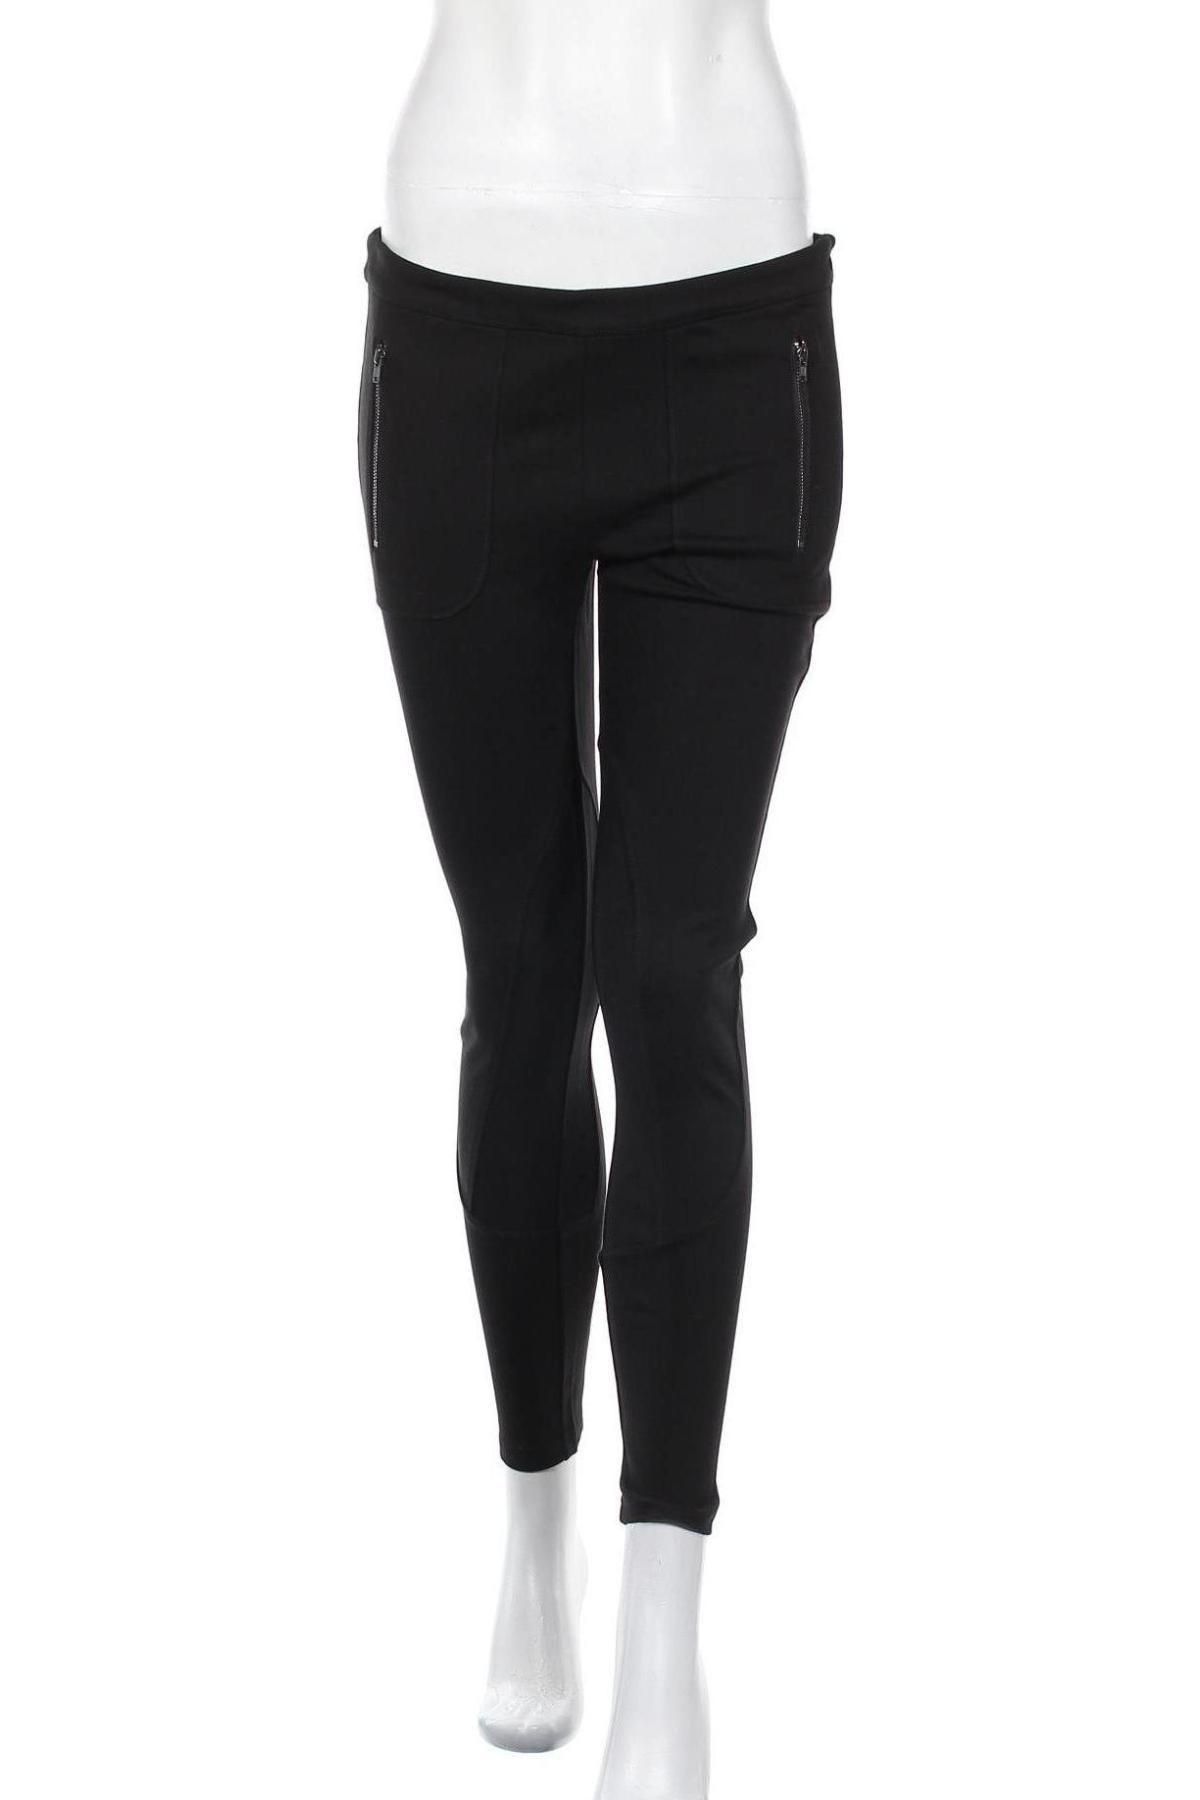 Дамски панталон Stefanel, Размер M, Цвят Черен, 68% вискоза, 27% полиамид, 5% еластан, Цена 29,90лв.